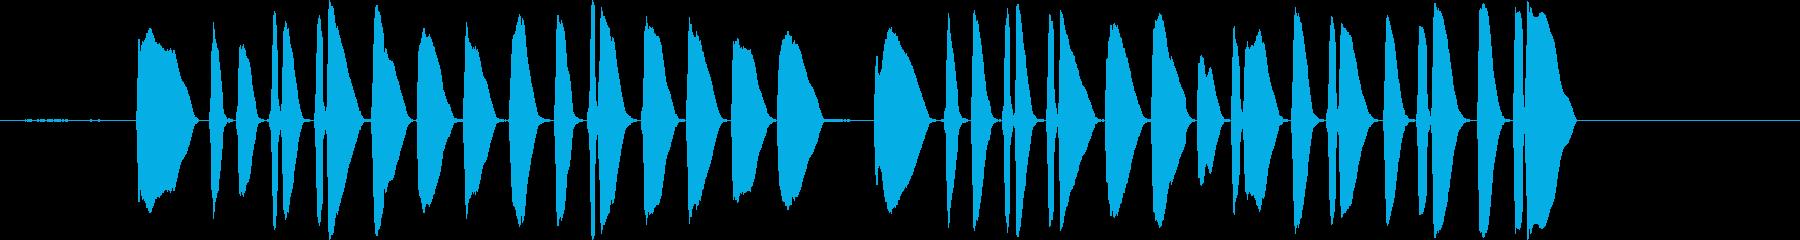 Bugle PlaysΓÇÿtat...の再生済みの波形